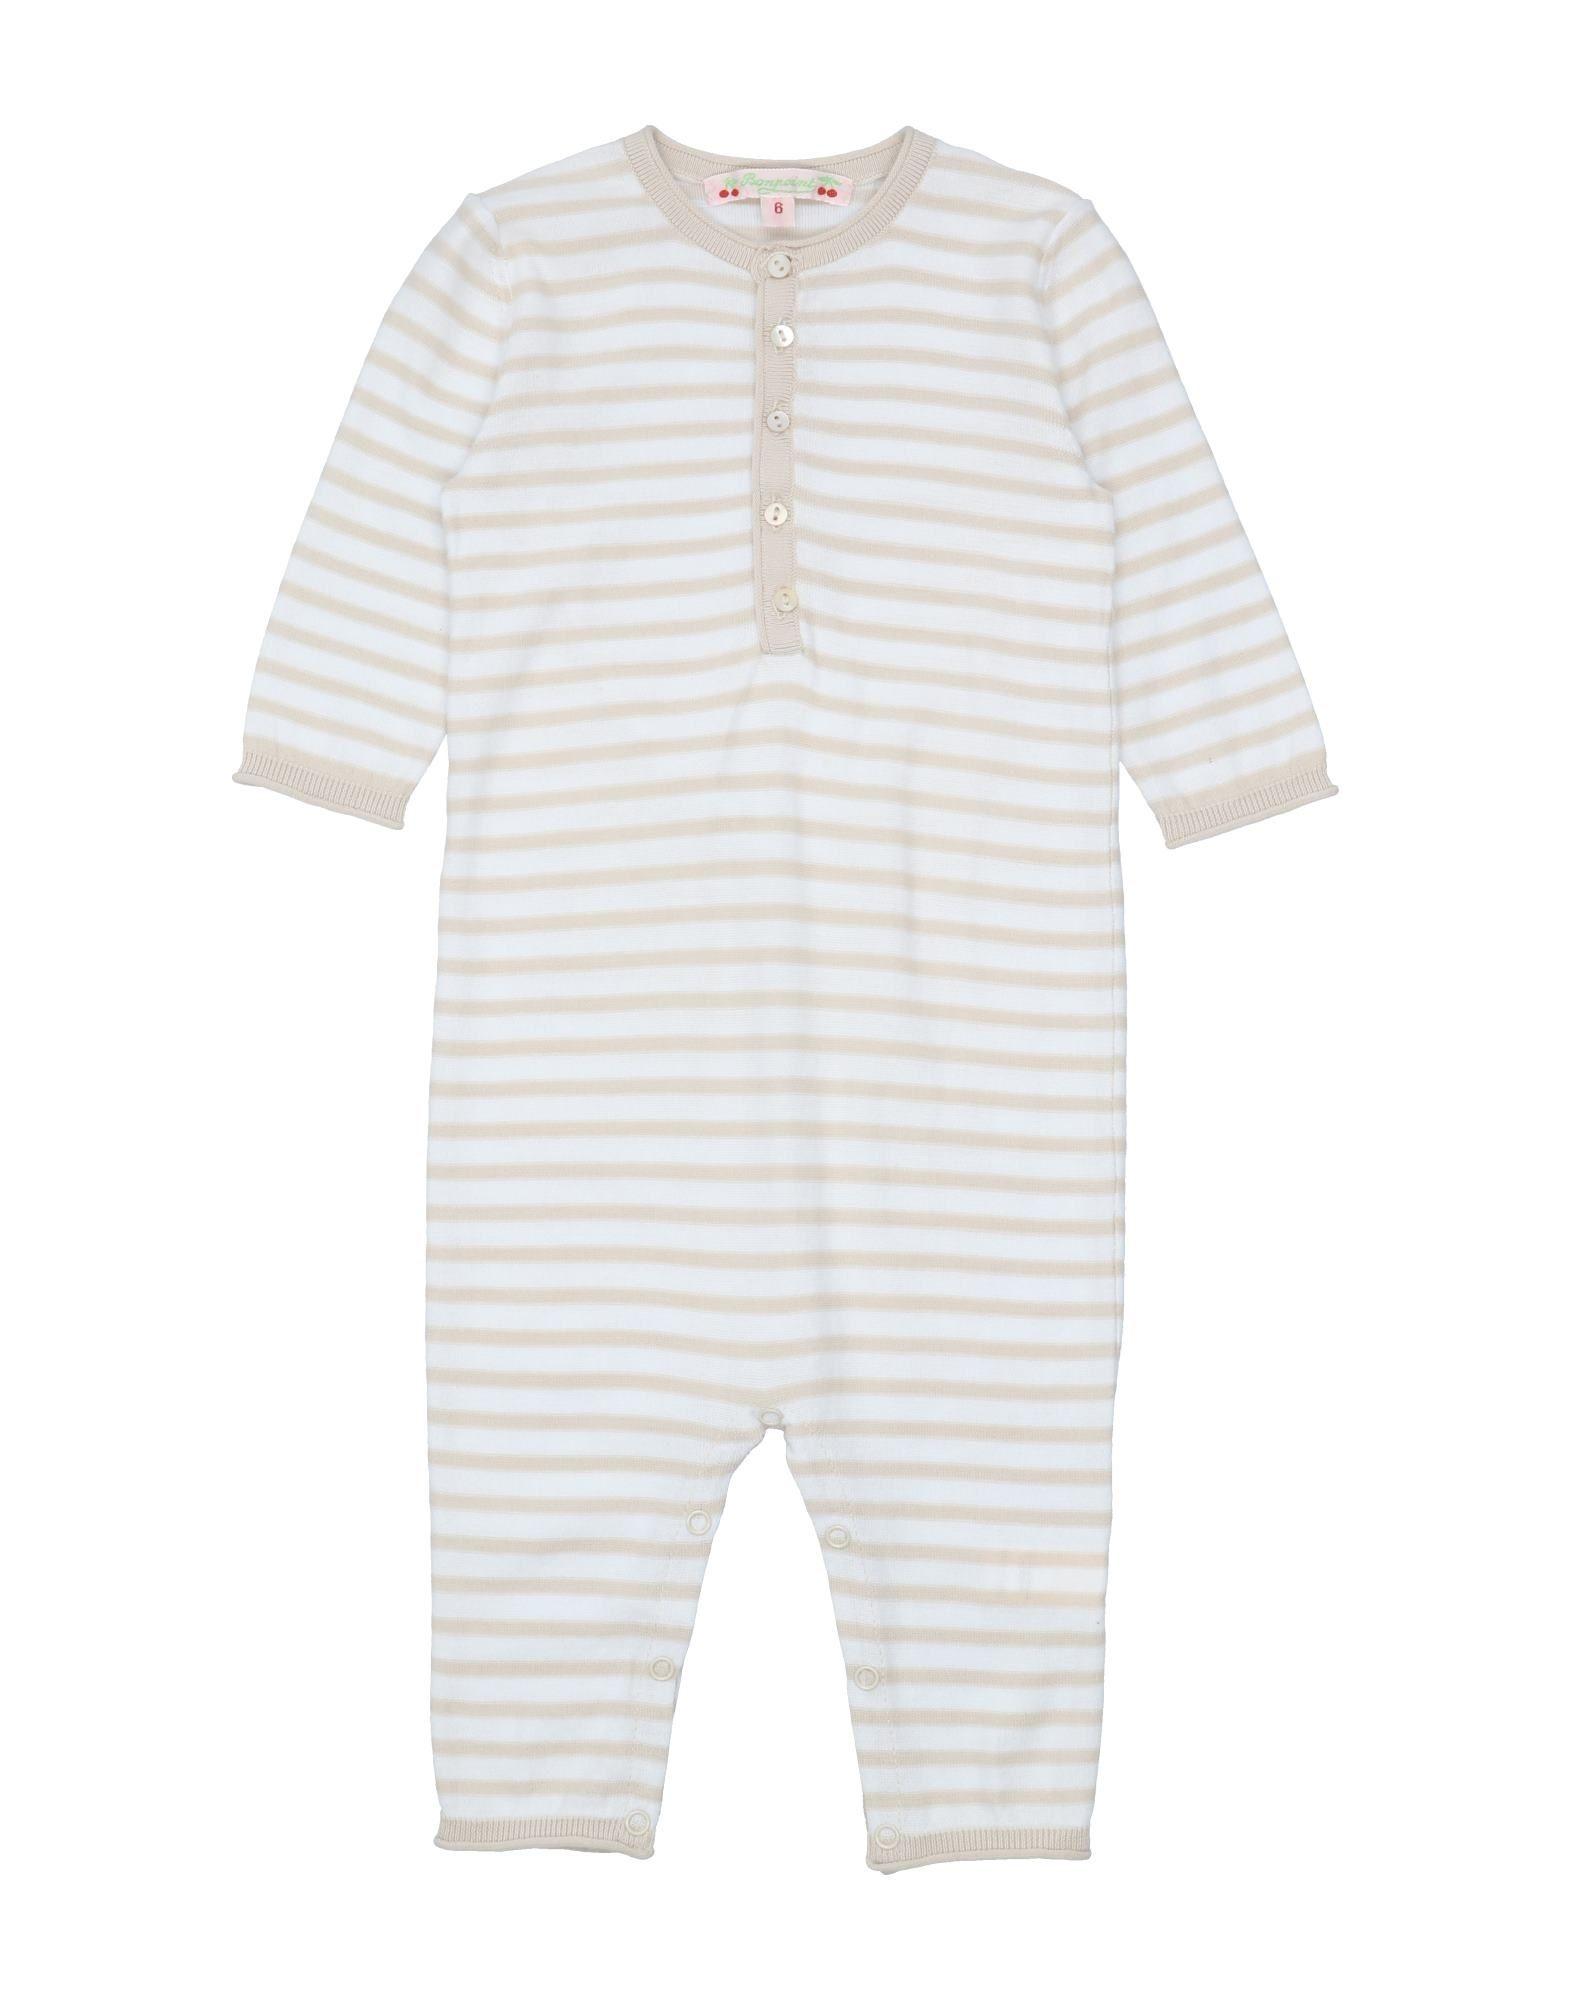 YOOX.COM(ユークス)《セール開催中》BONPOINT ボーイズ 0-24 ヶ月 乳幼児用ロンパース ベージュ 6 コットン 100%